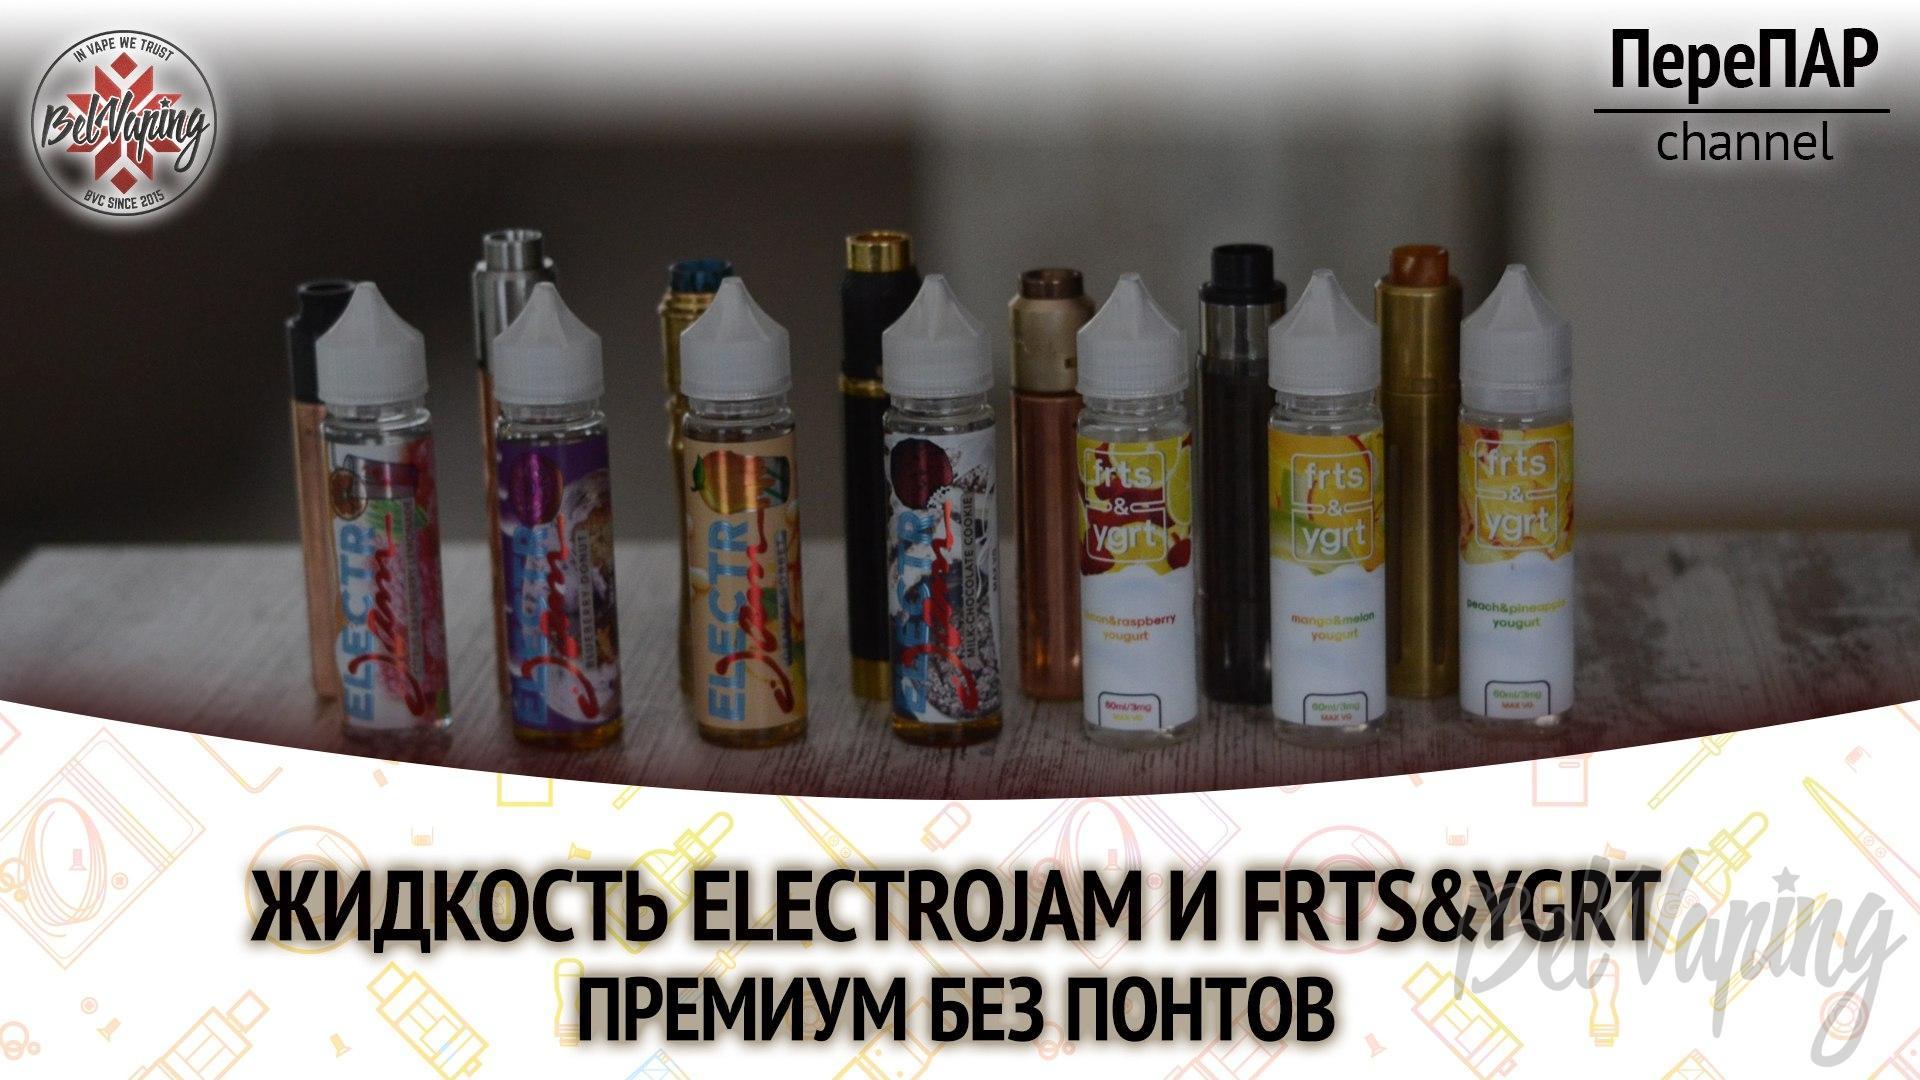 Обзор жидкостей ElectroJam и frts&ygrt